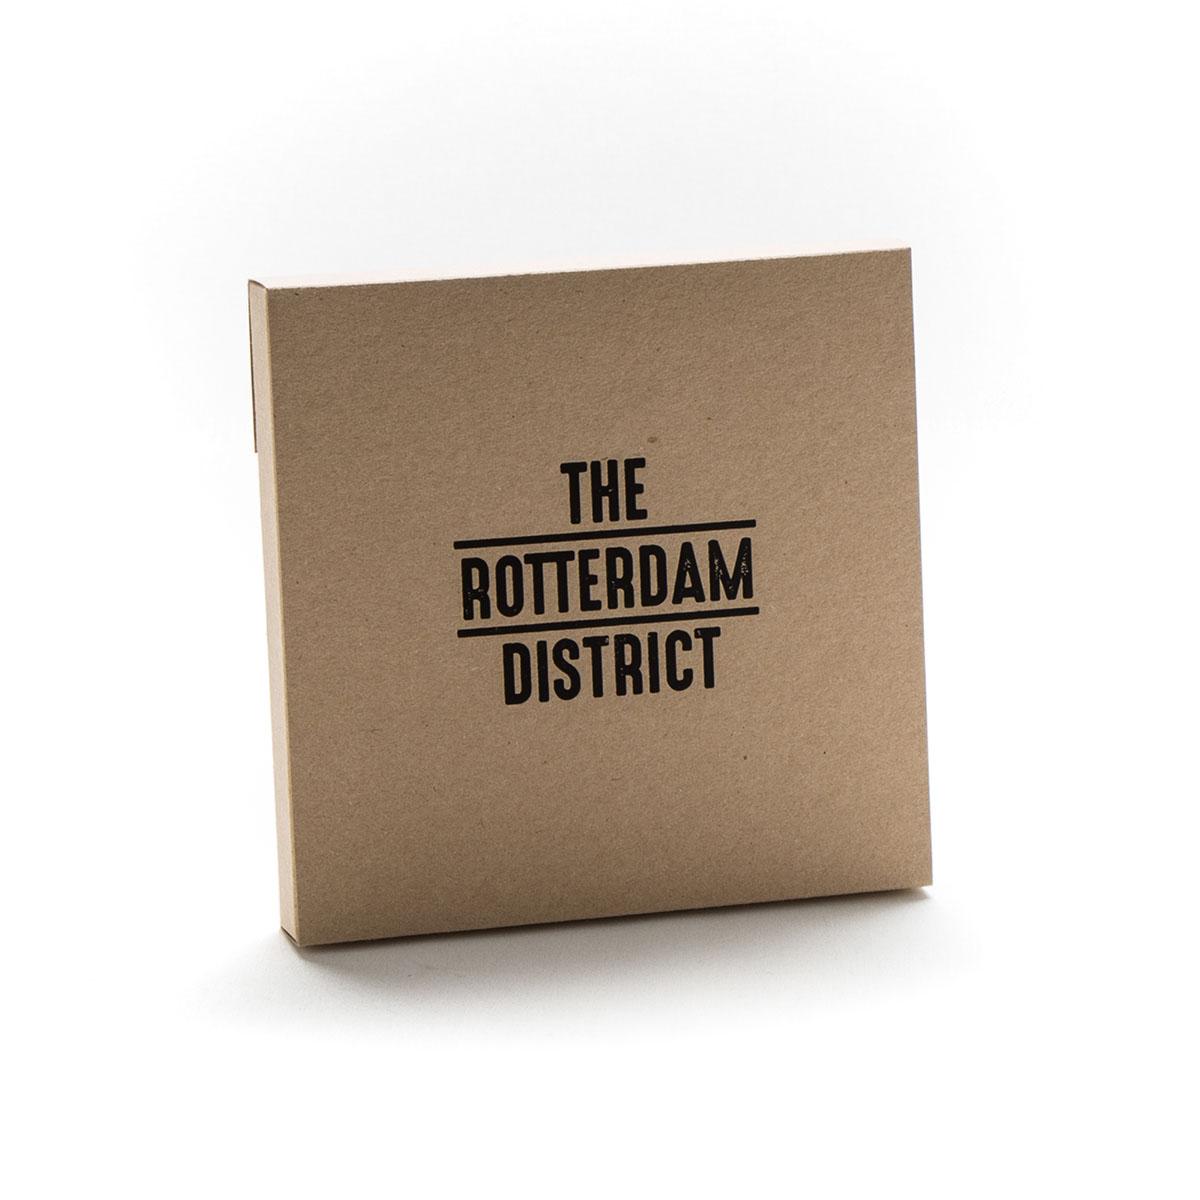 the rotterdam district profilprodukter och trycksaker med egen design till företag